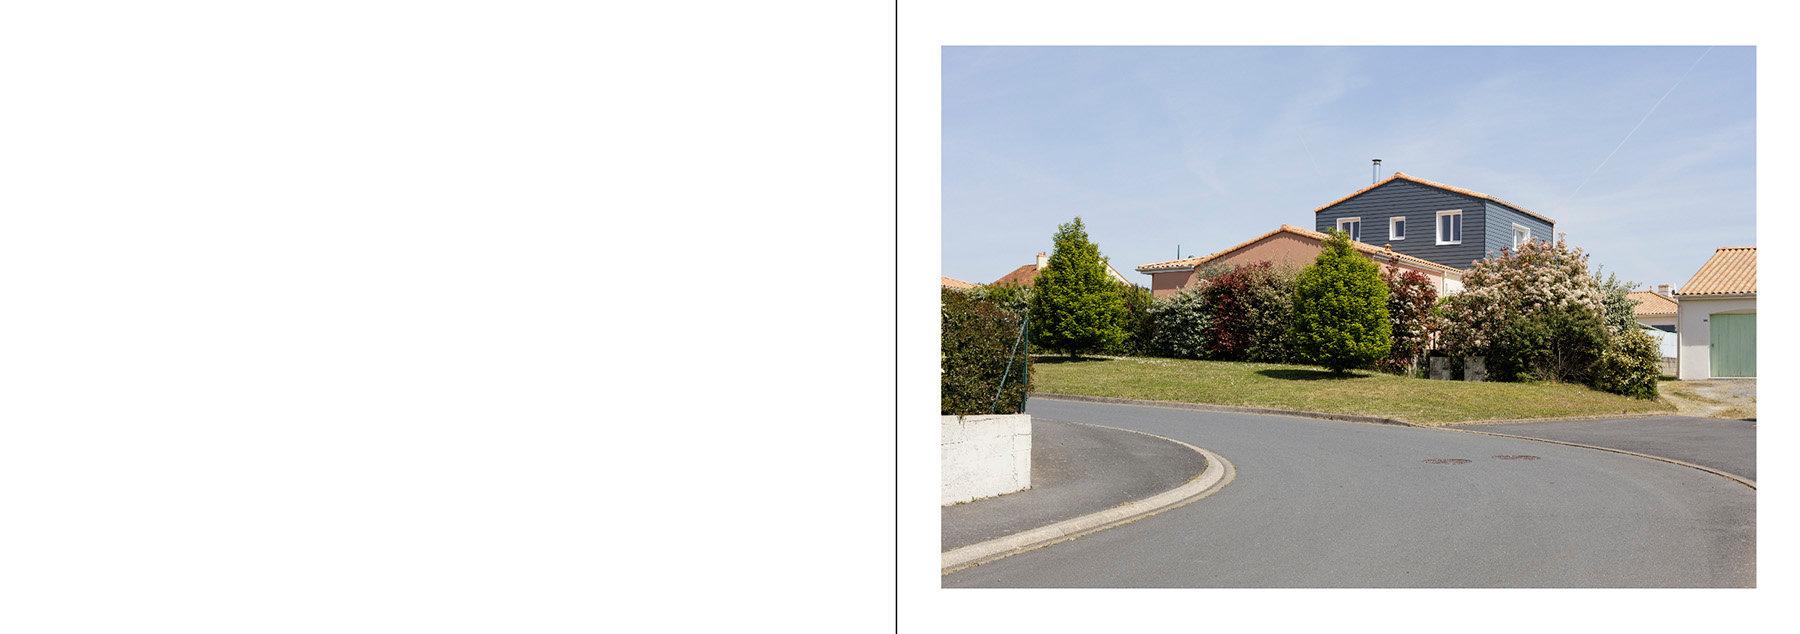 Le Loraux-Bottereau_Mauves-sur-Loire-page002.jpg